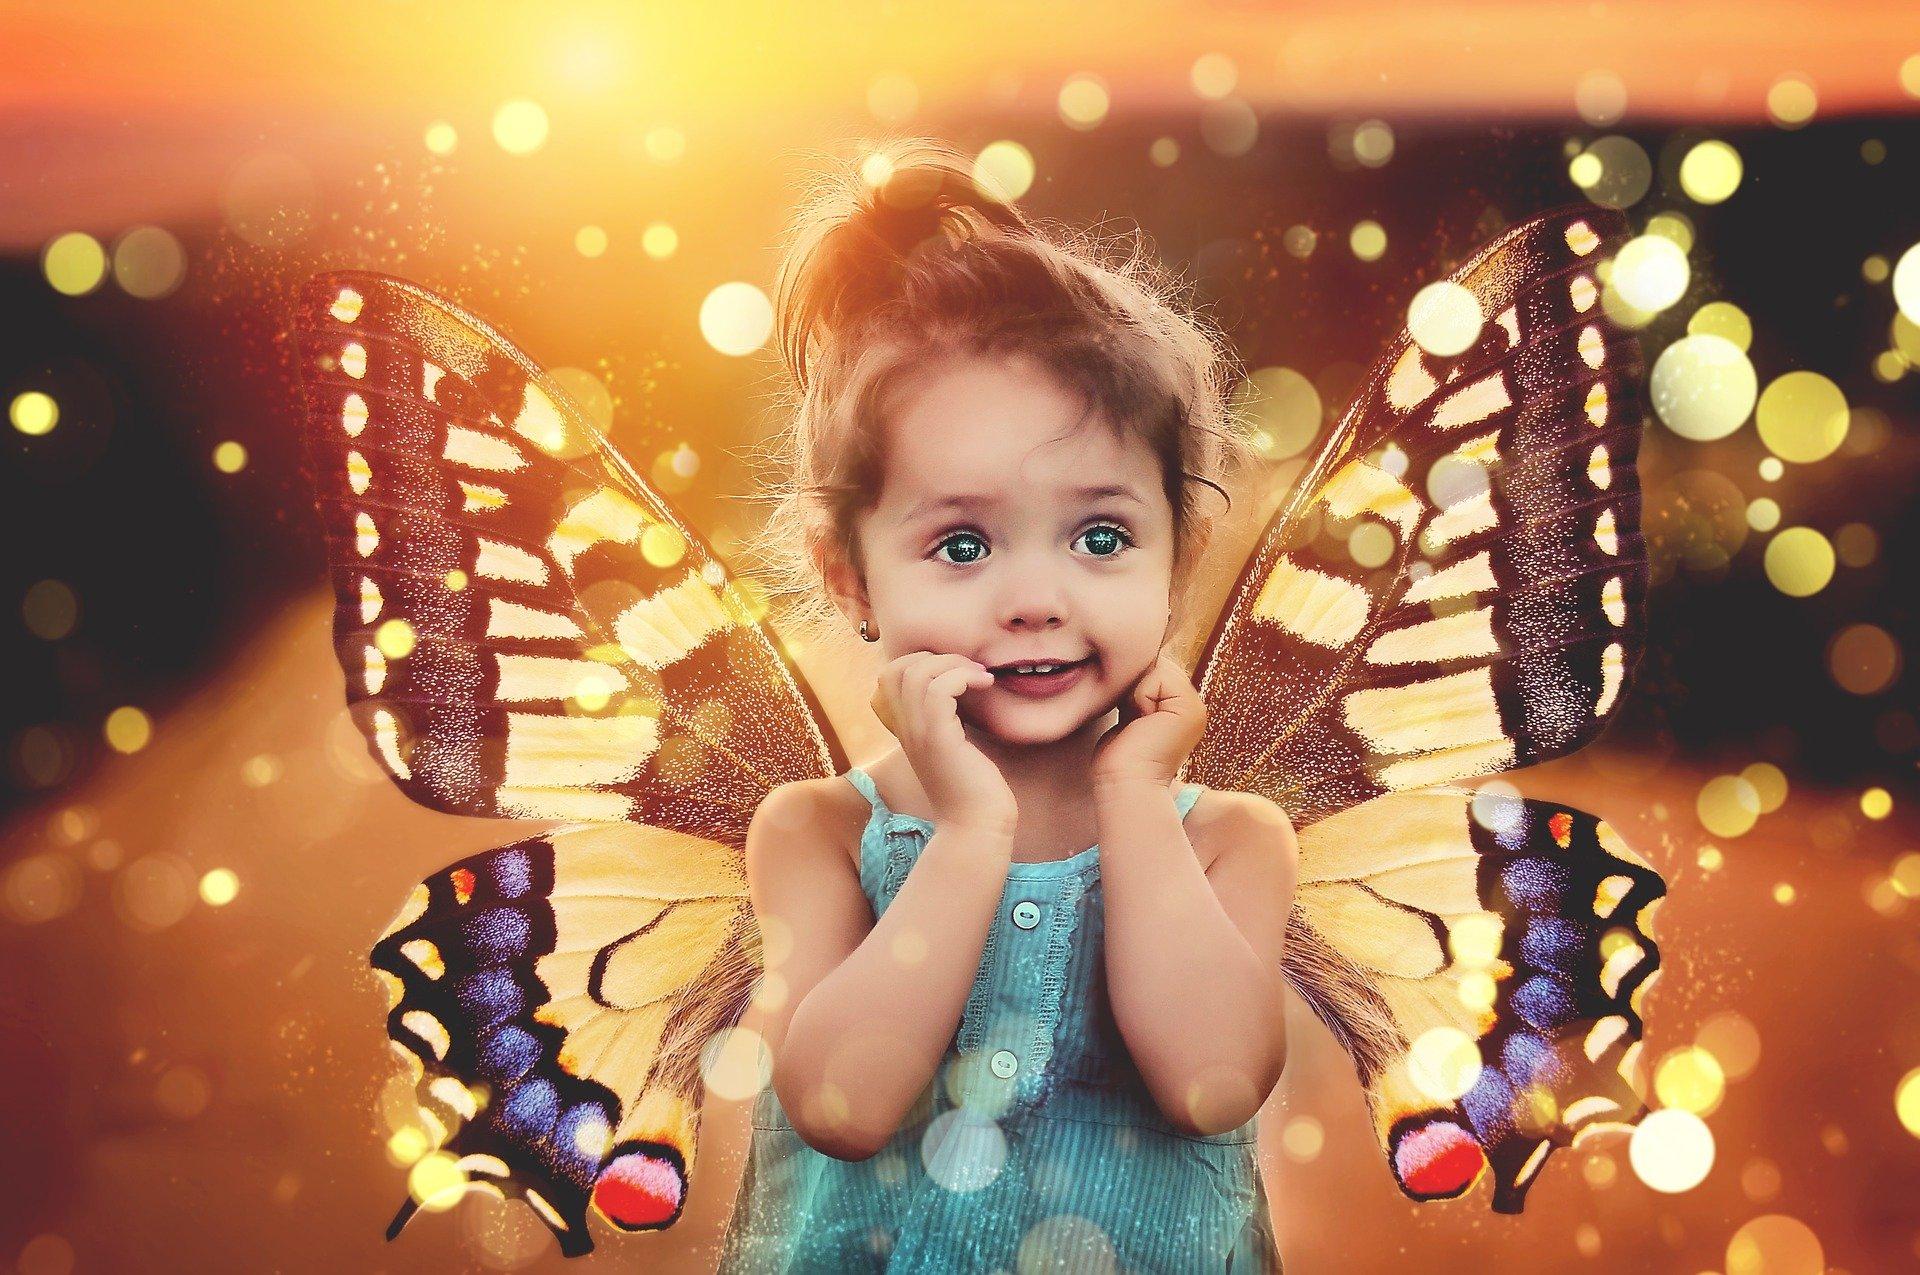 Pixabay 2021-09-06 Sarah Richter Kind mit Flügeln